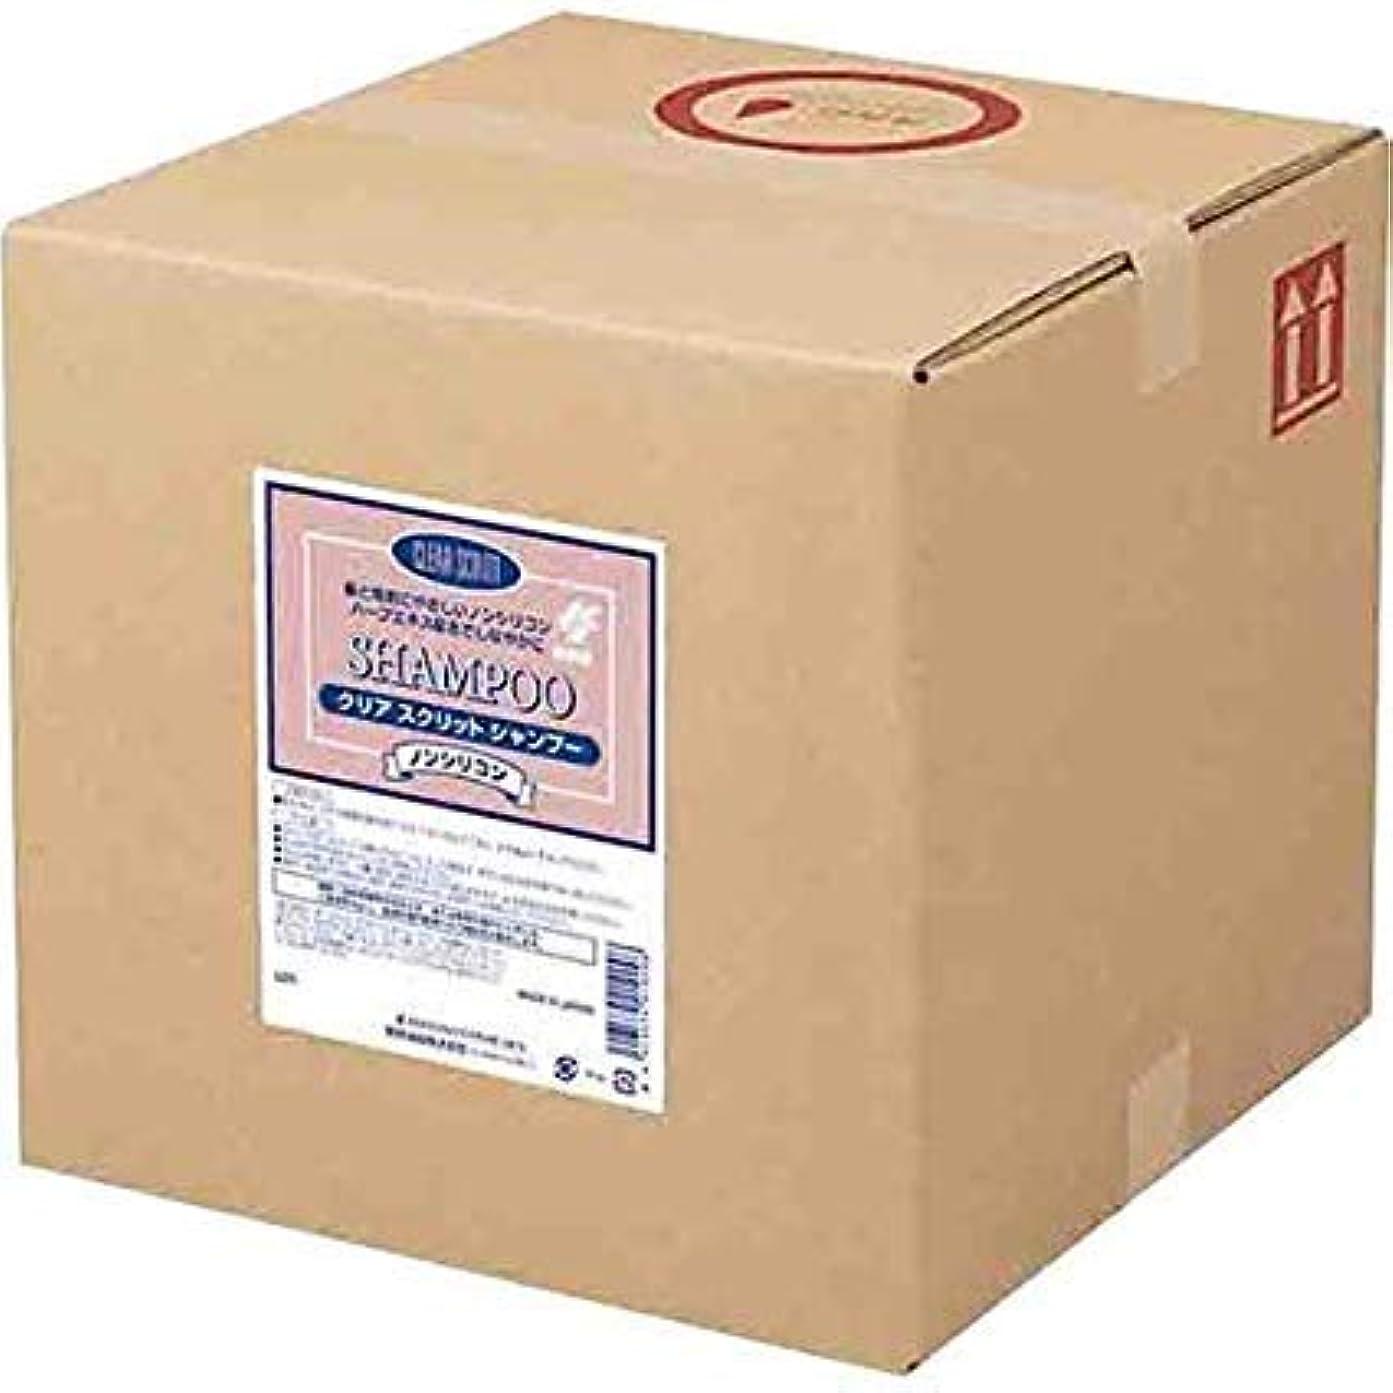 計算する存在する胆嚢業務用 クリアスクリット シャンプー 18L 熊野油脂 (コック無し)